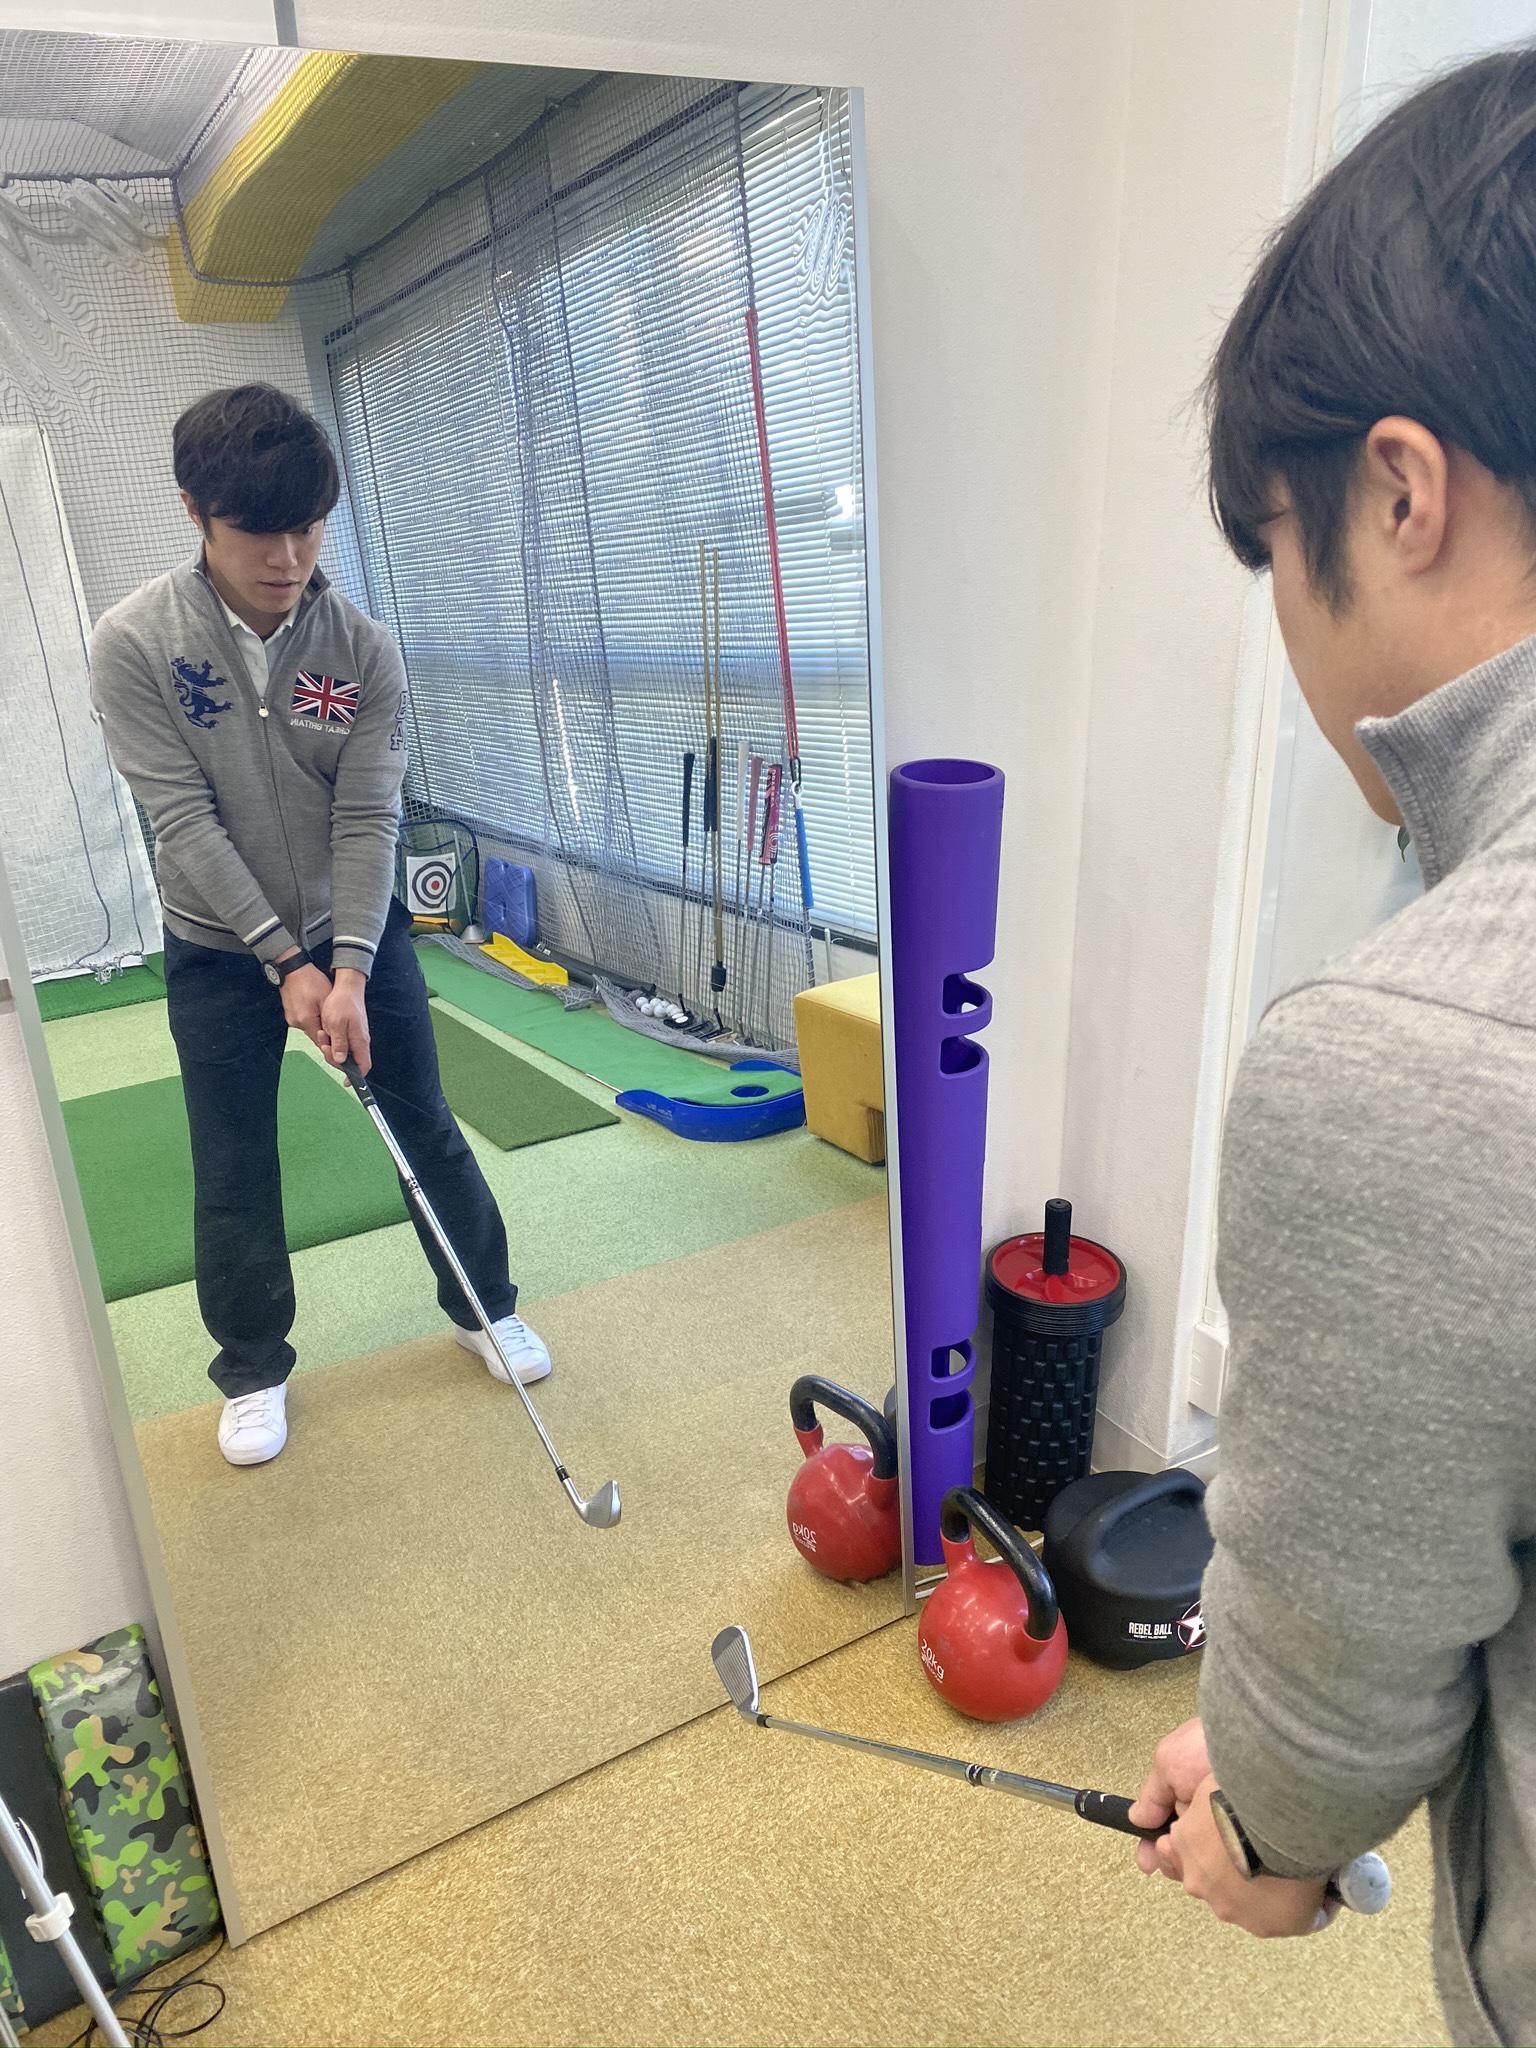 池袋ゴルフスクール池袋ゴルフレッスンなら池袋ゴルフアカデミー